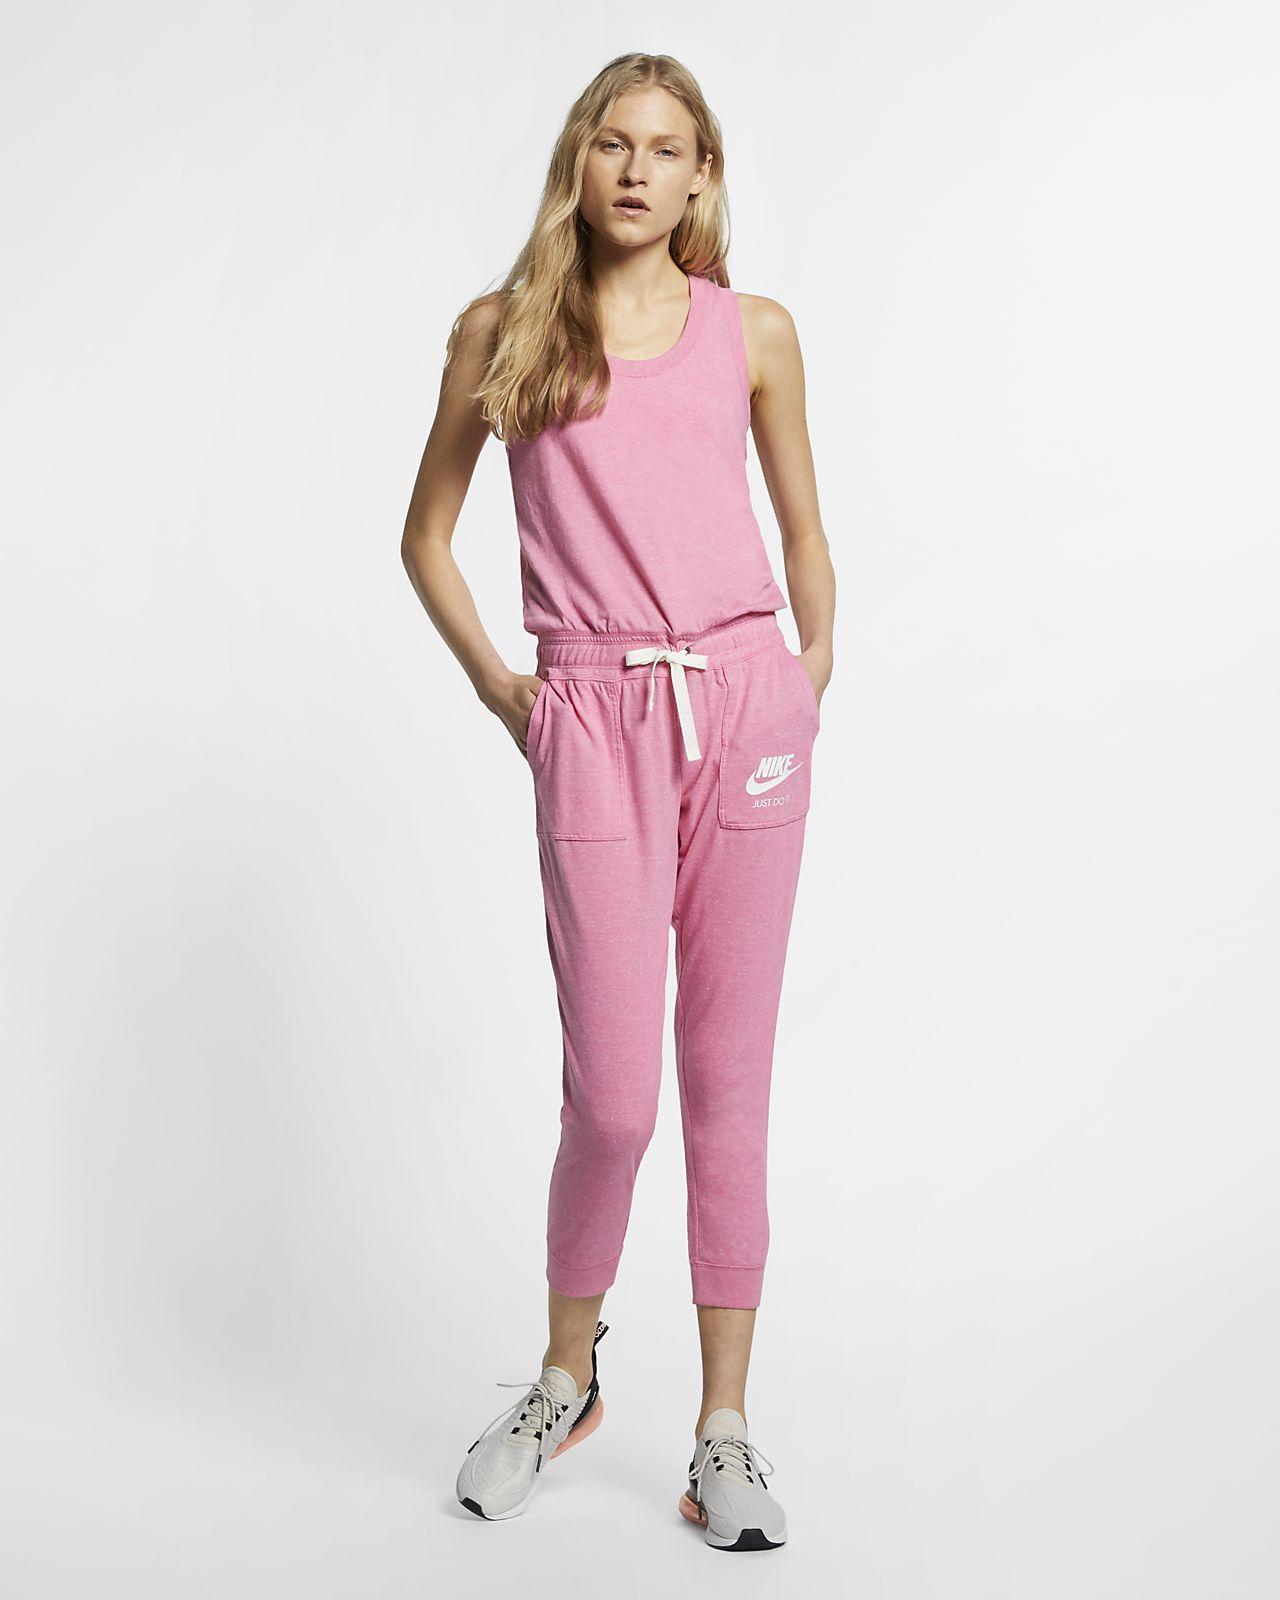 390d073a Nike Sportswear Gym Vintage Women's Jumpsuit. Nike.com